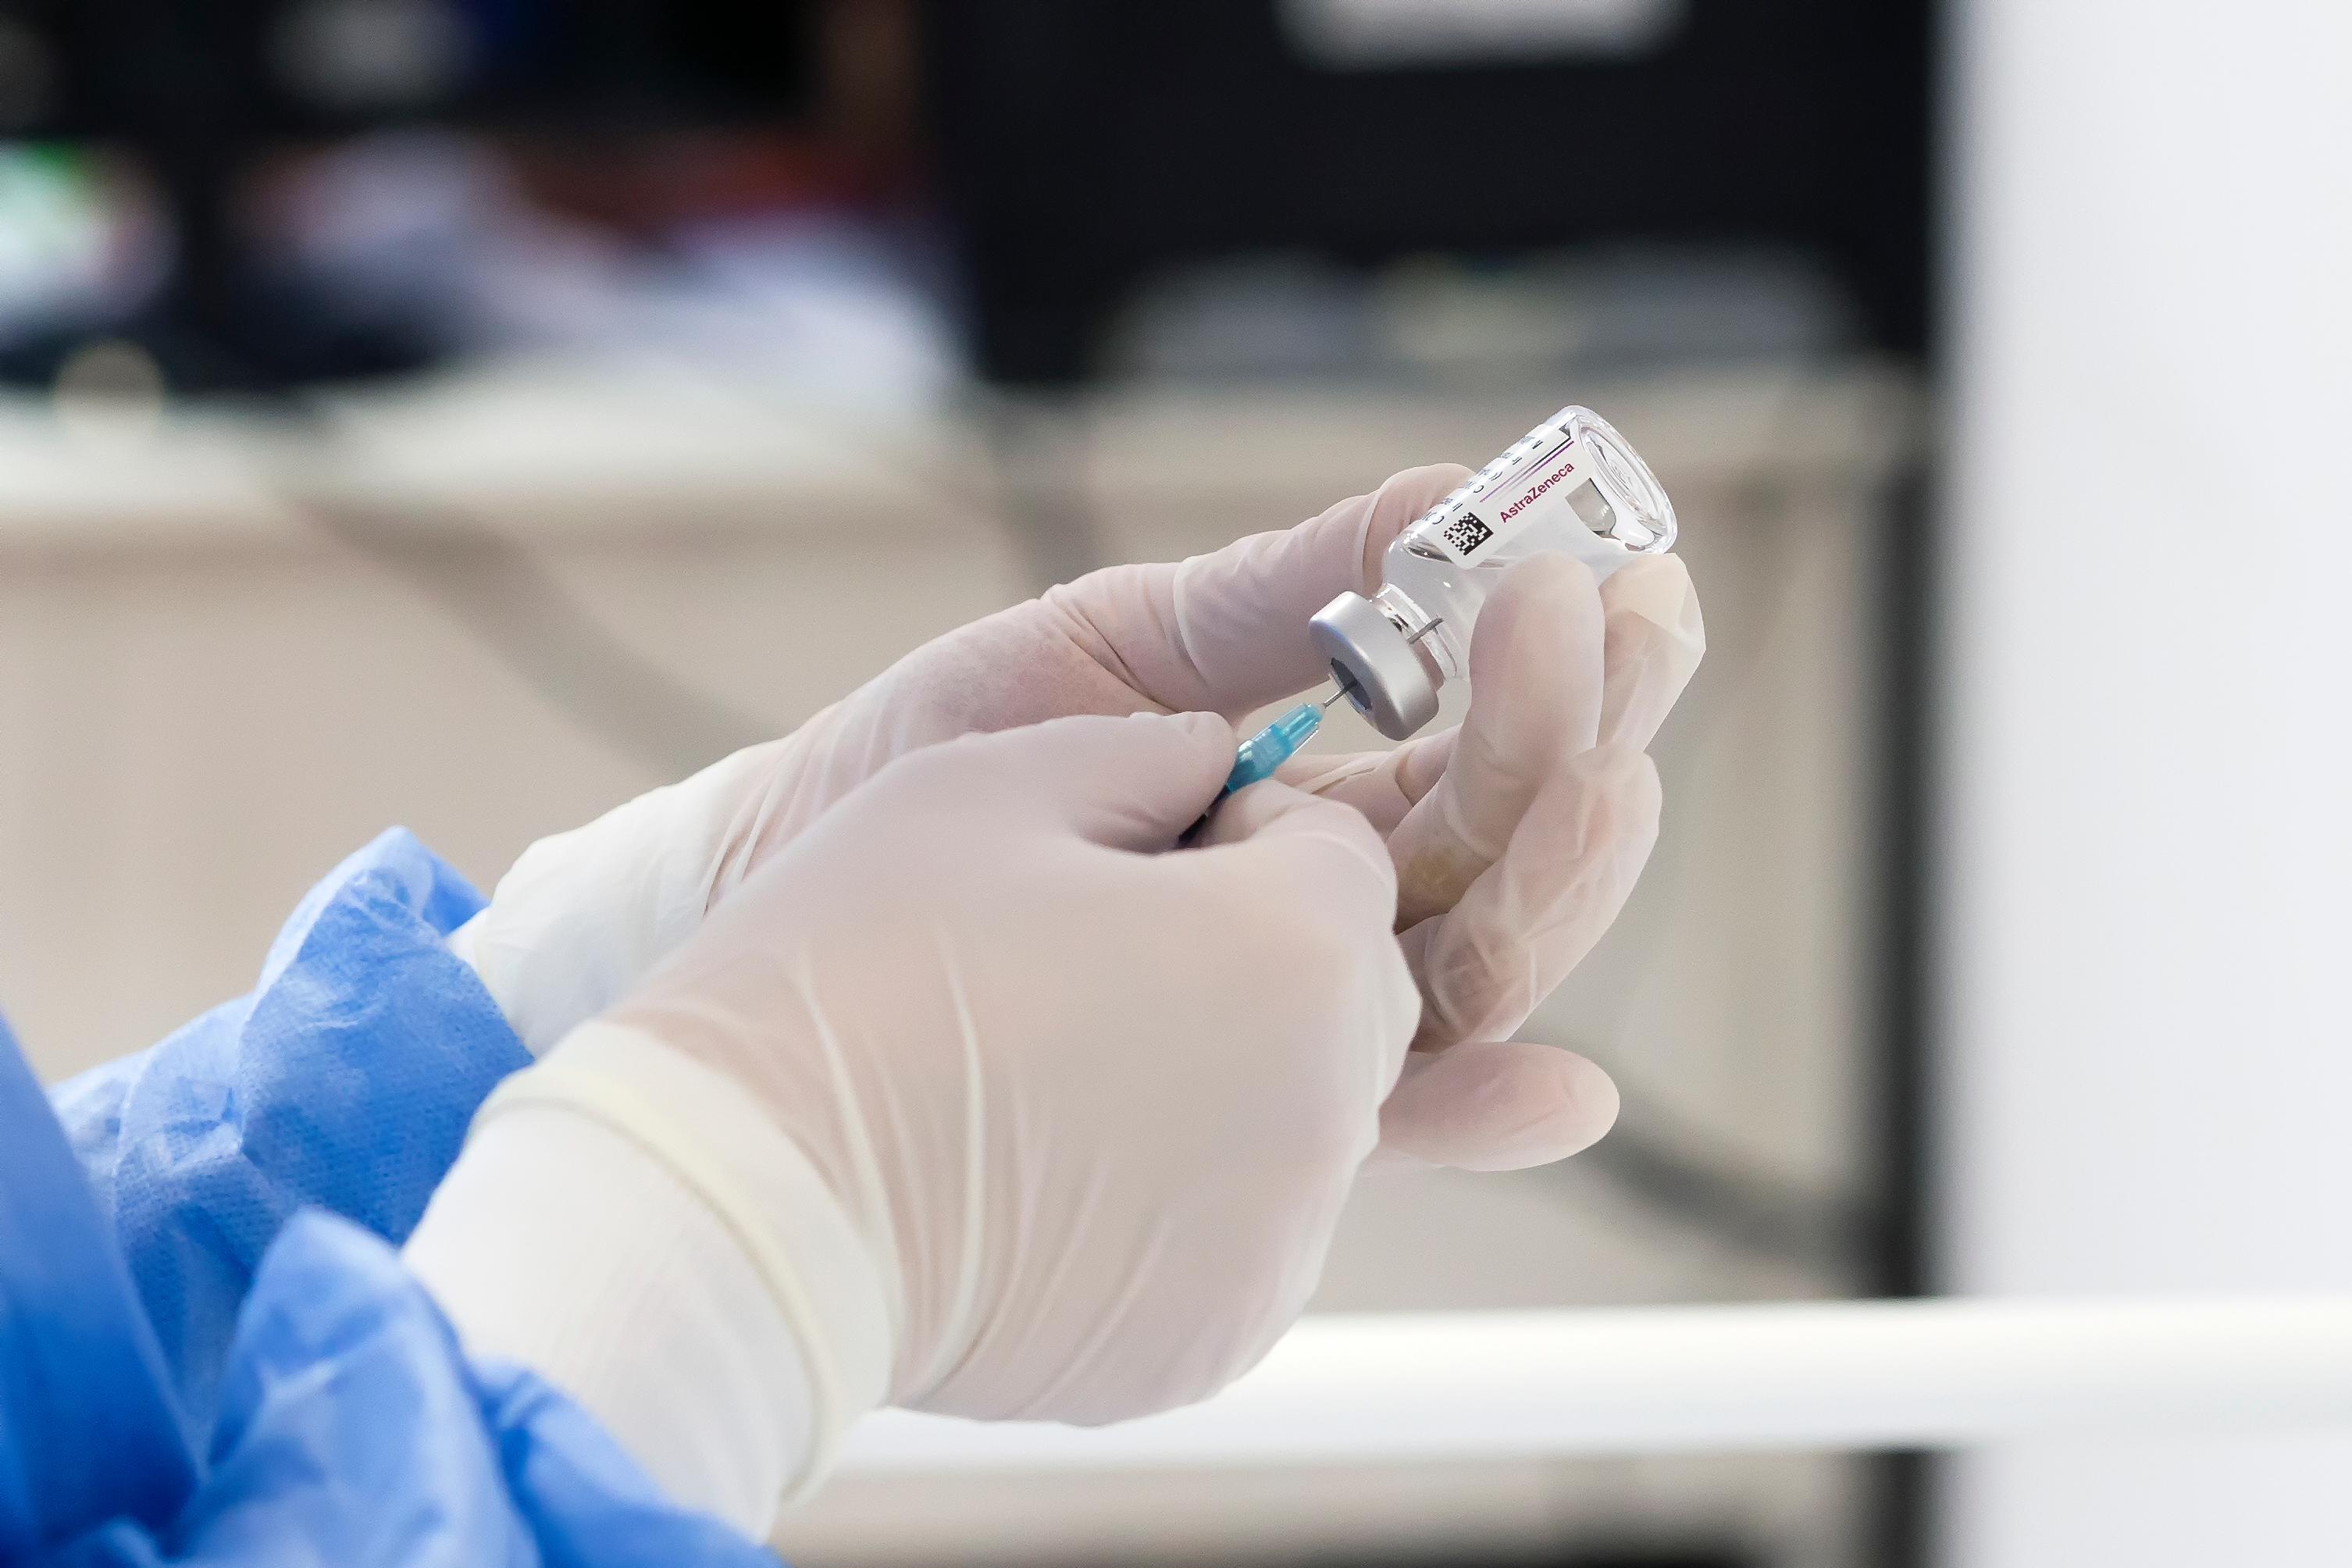 Bilanţ de vaccinare anti-Covid în România, 21 aprilie 2021